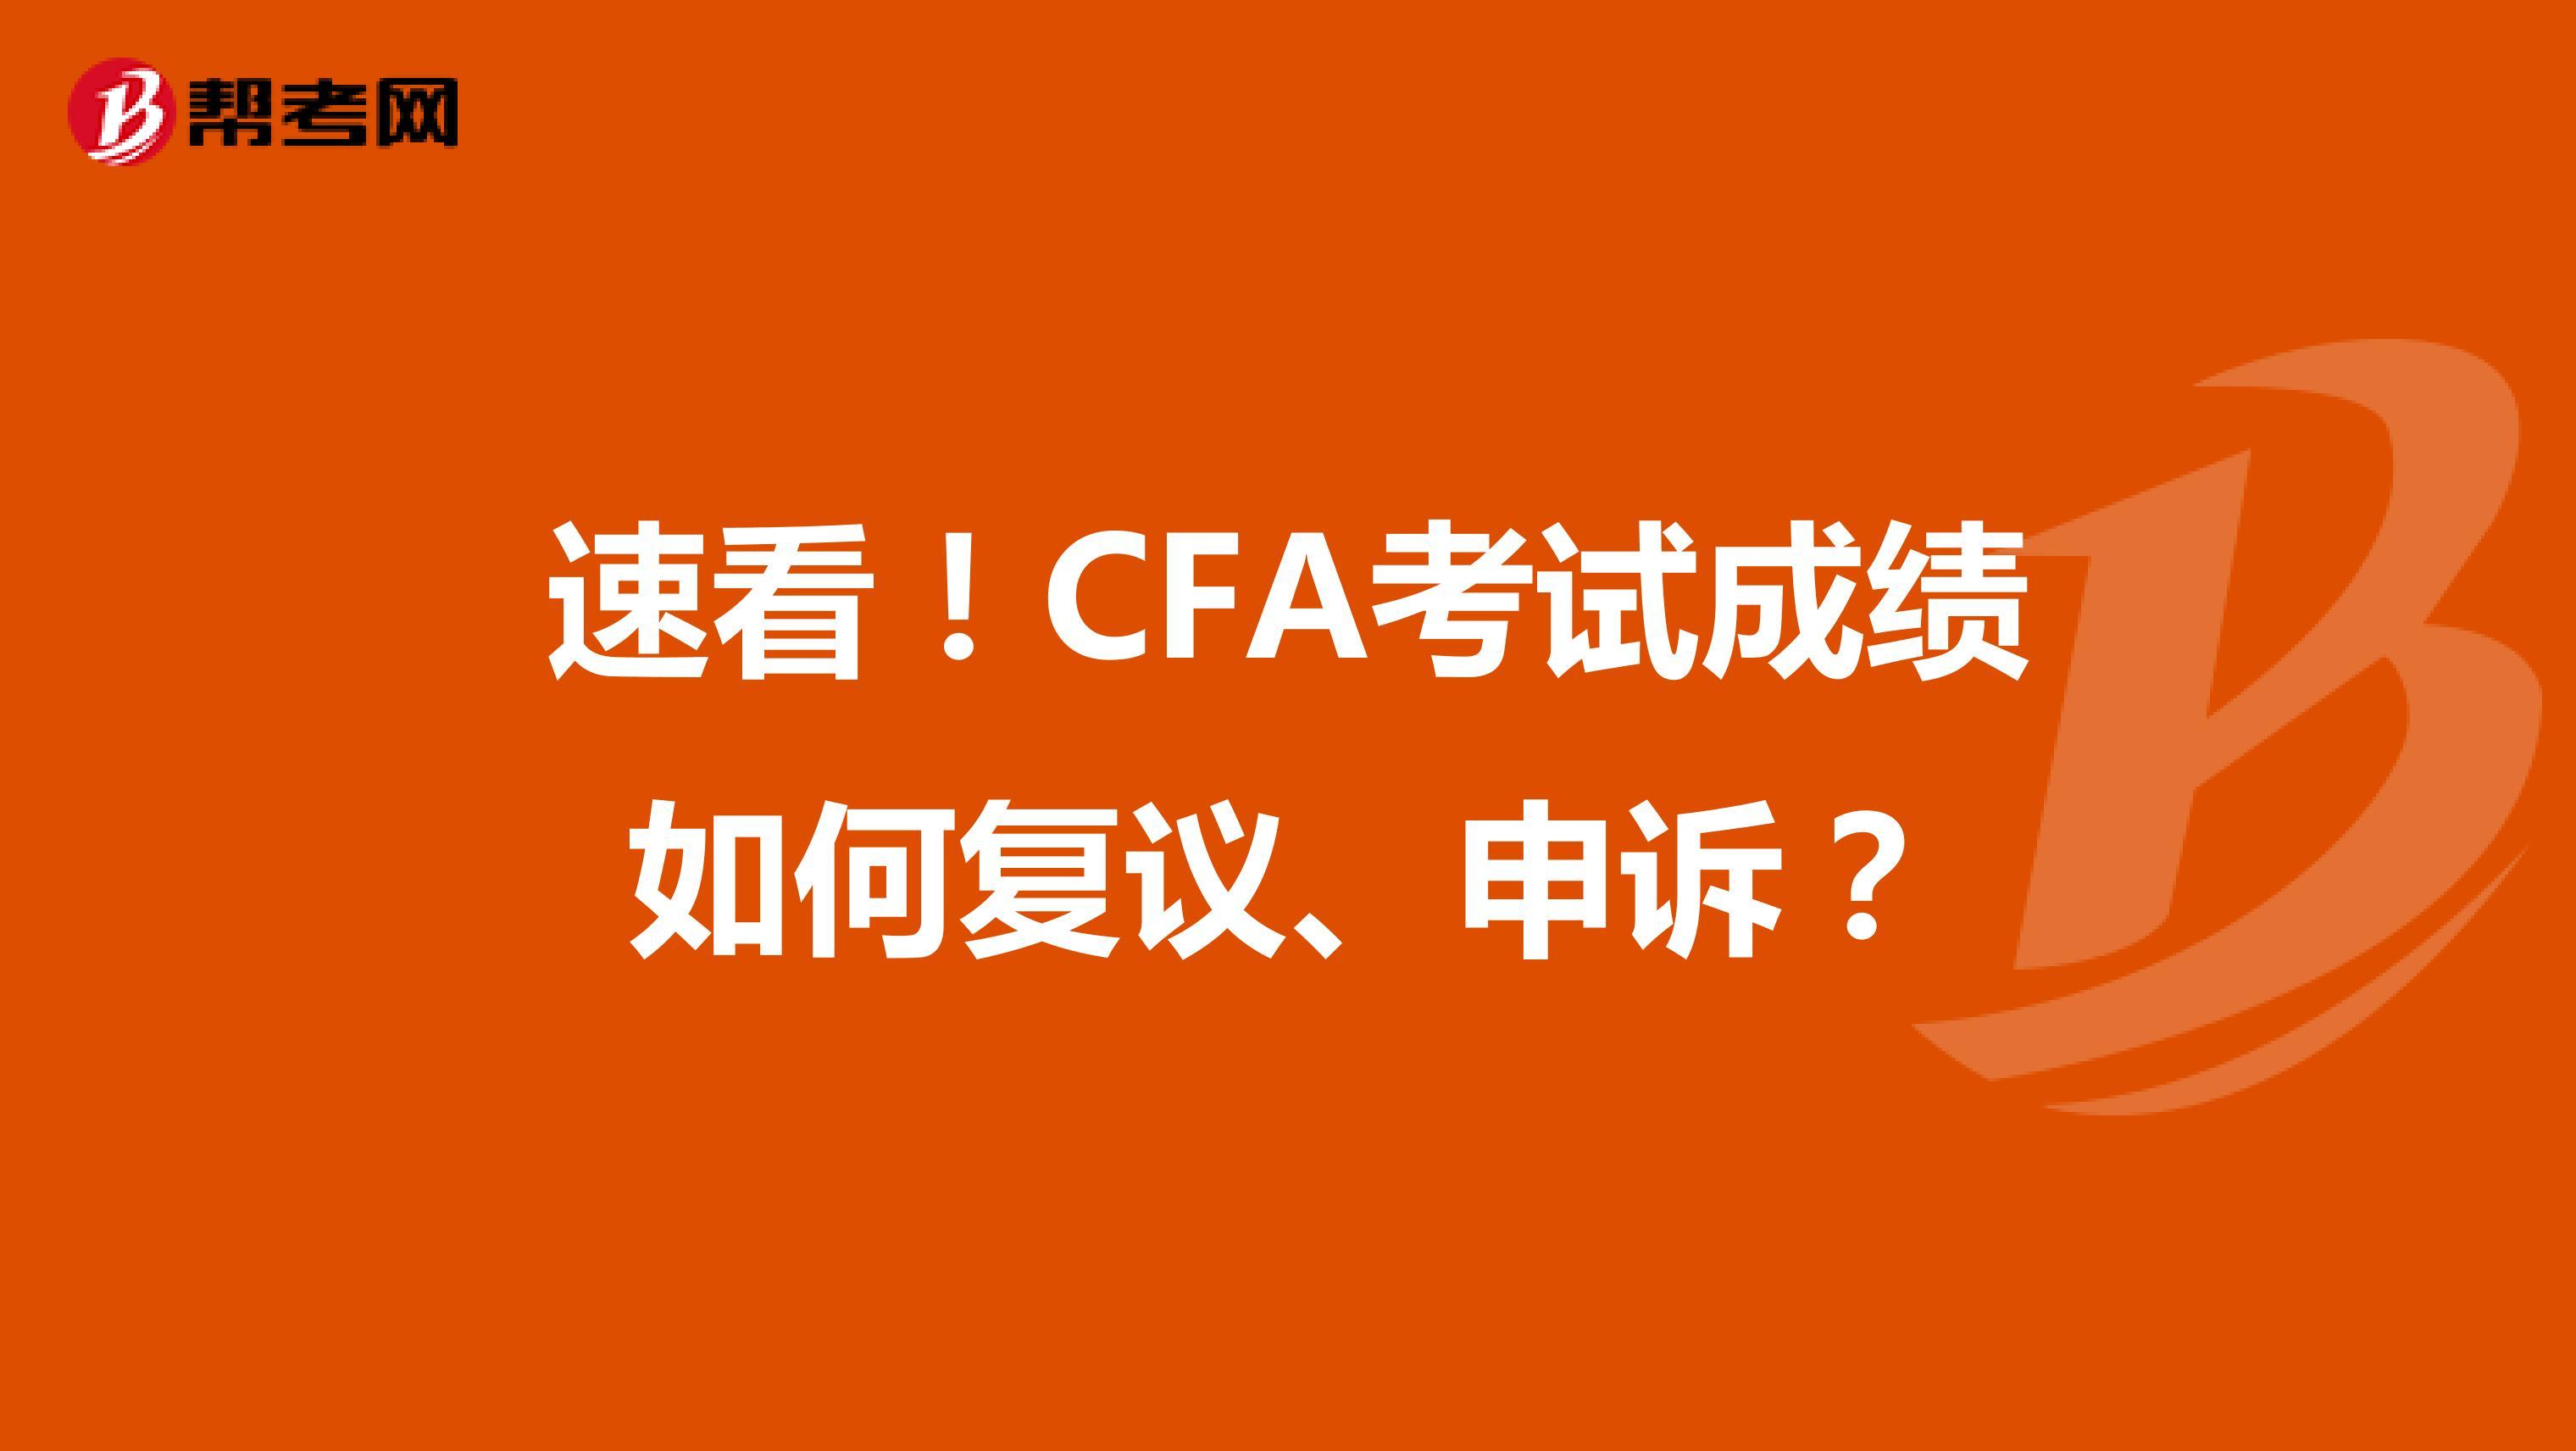 速看!CFA考试成绩如何复议、申诉?